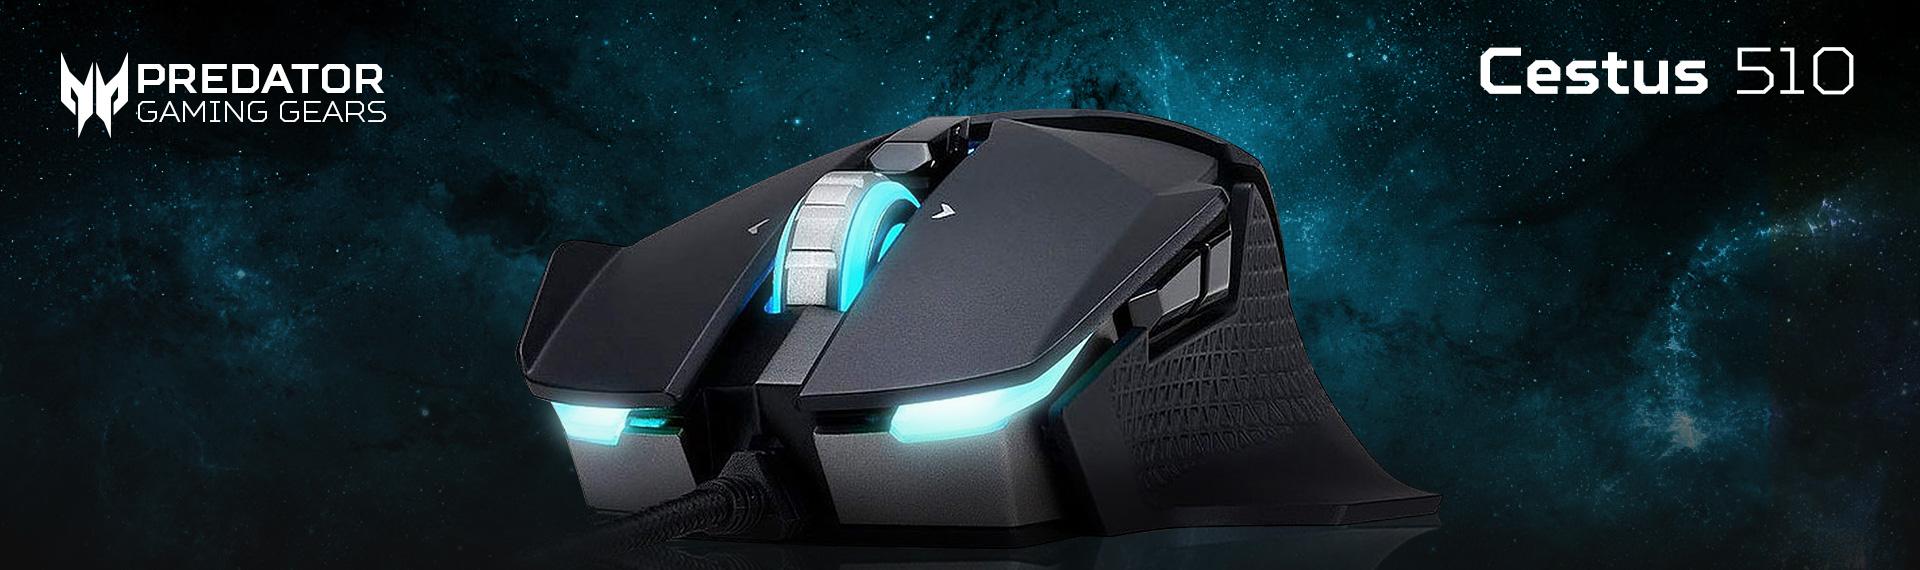 3 Predator Gaming Gears 2019 untuk Pertarungan Super Agresif!